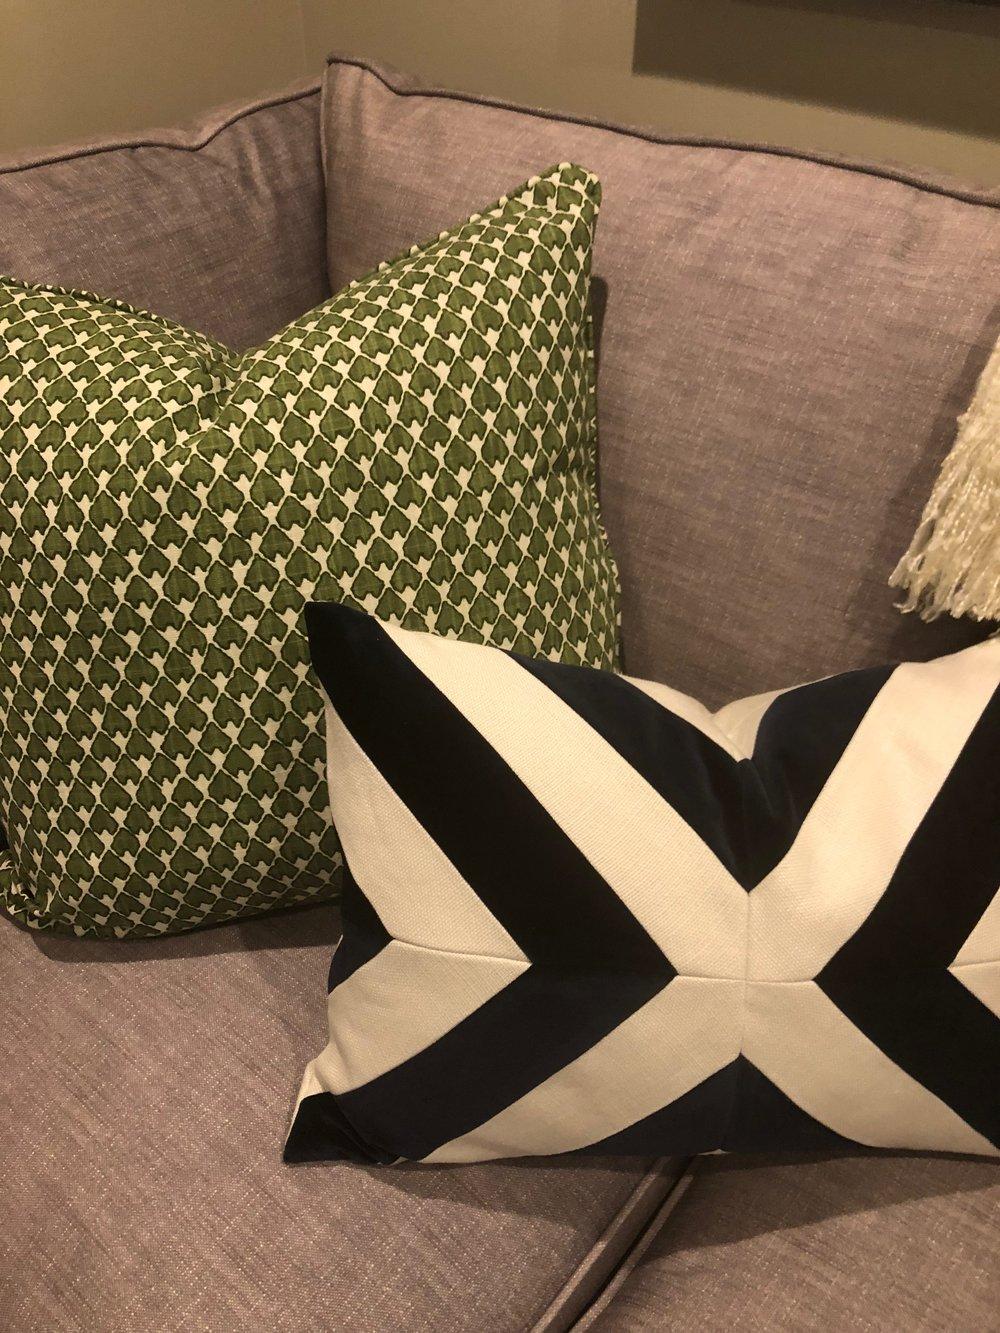 Pillowss.JPG